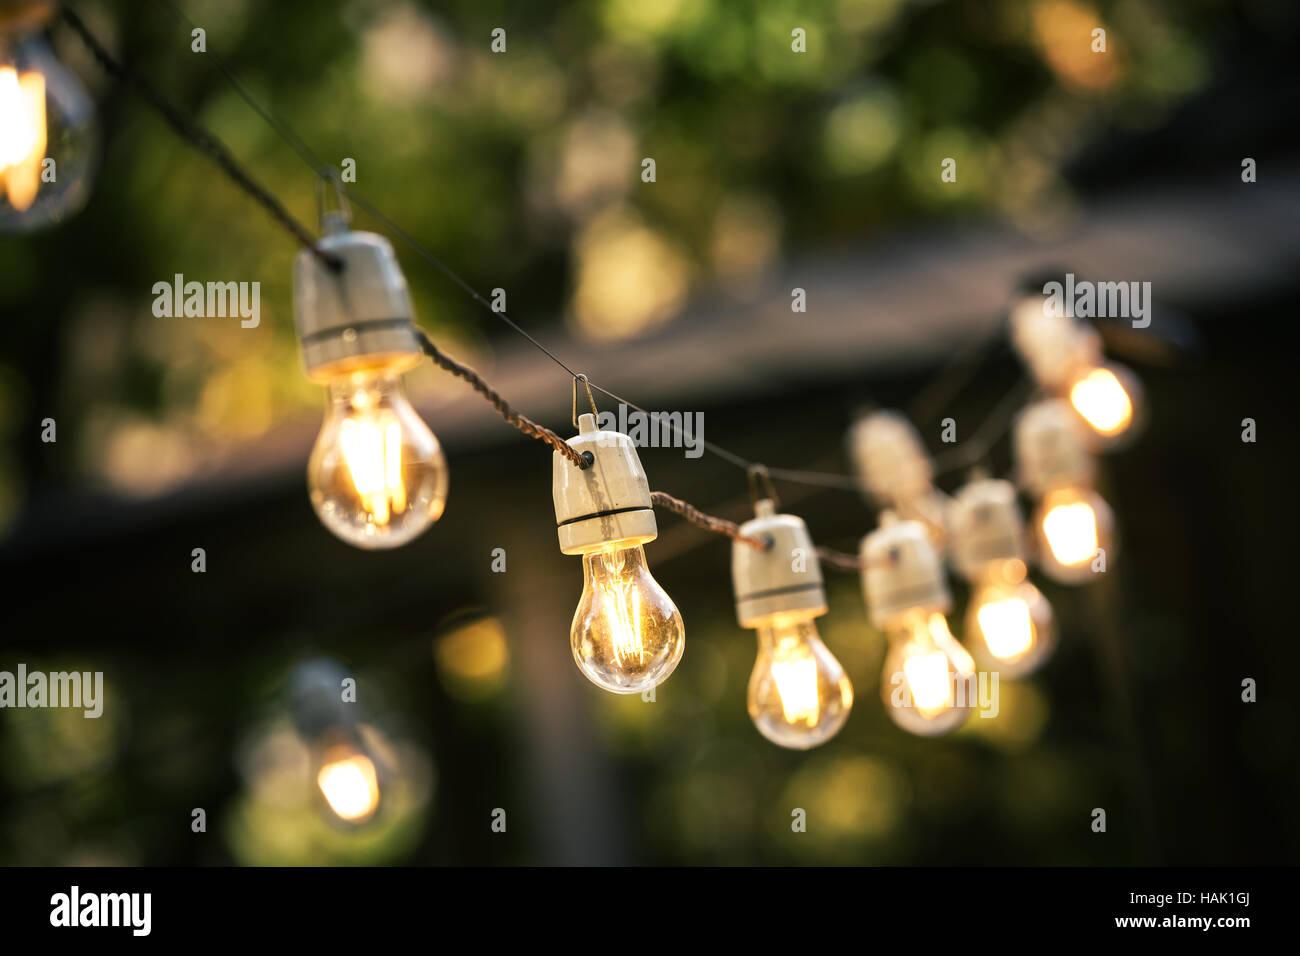 Luces de cadena exterior colgando de una línea en el patio Imagen De Stock